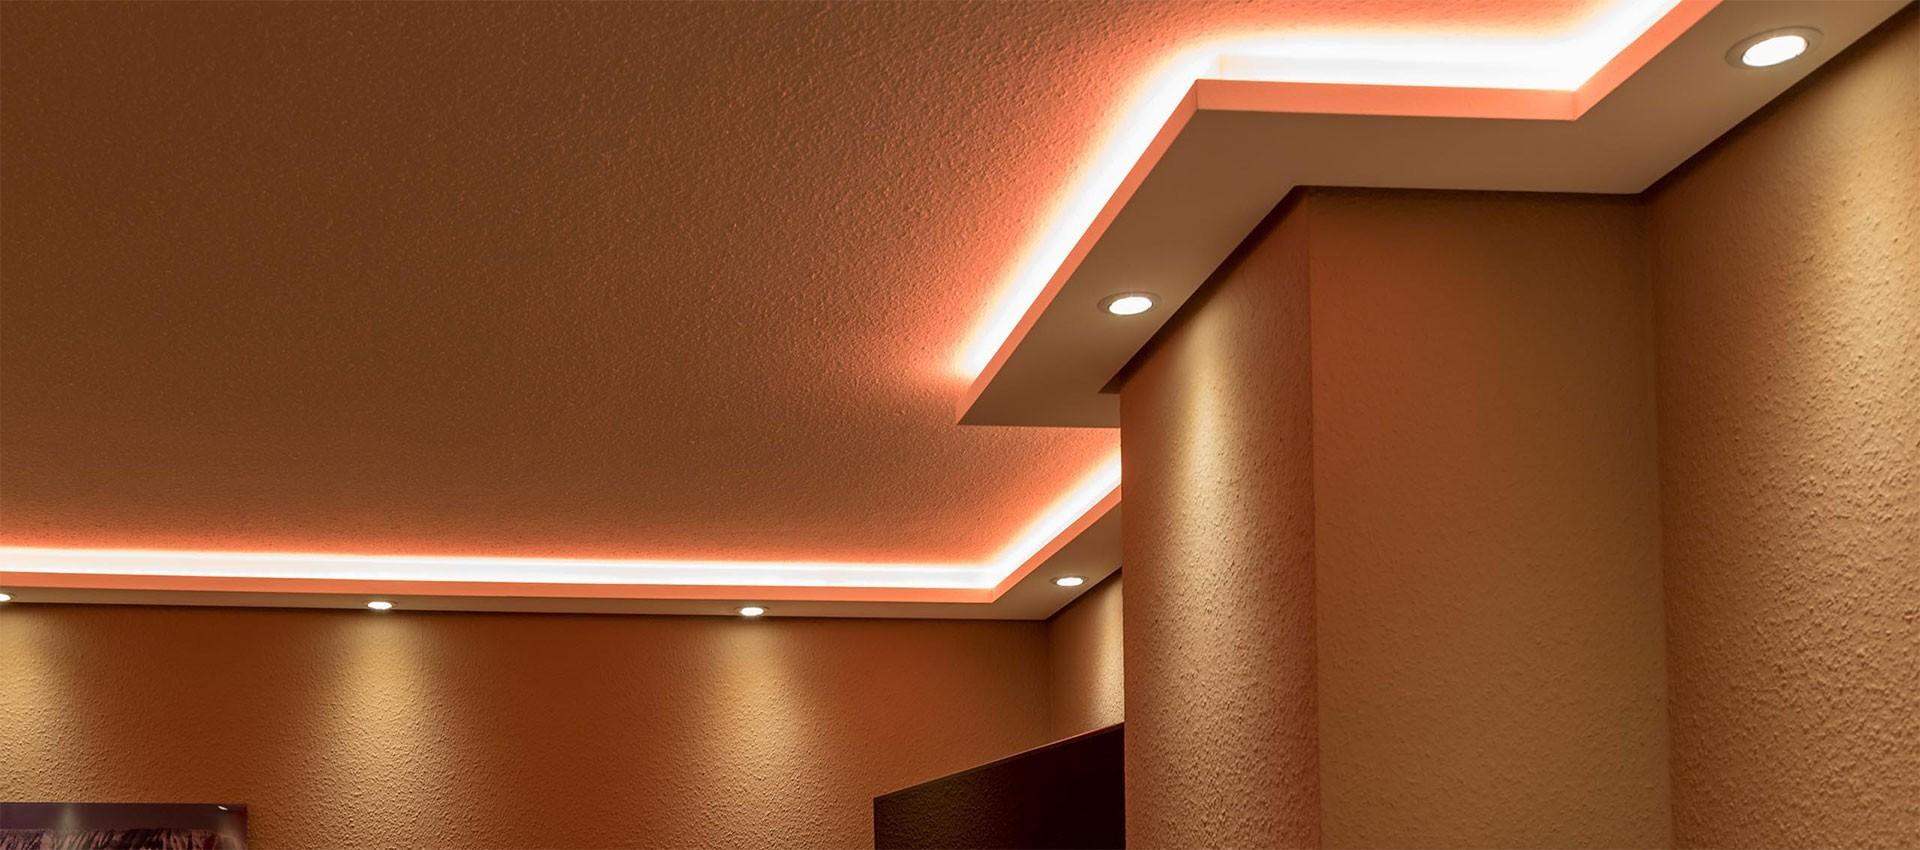 indirekte beleuchtung, led stuckleisten und fassadengestaltung